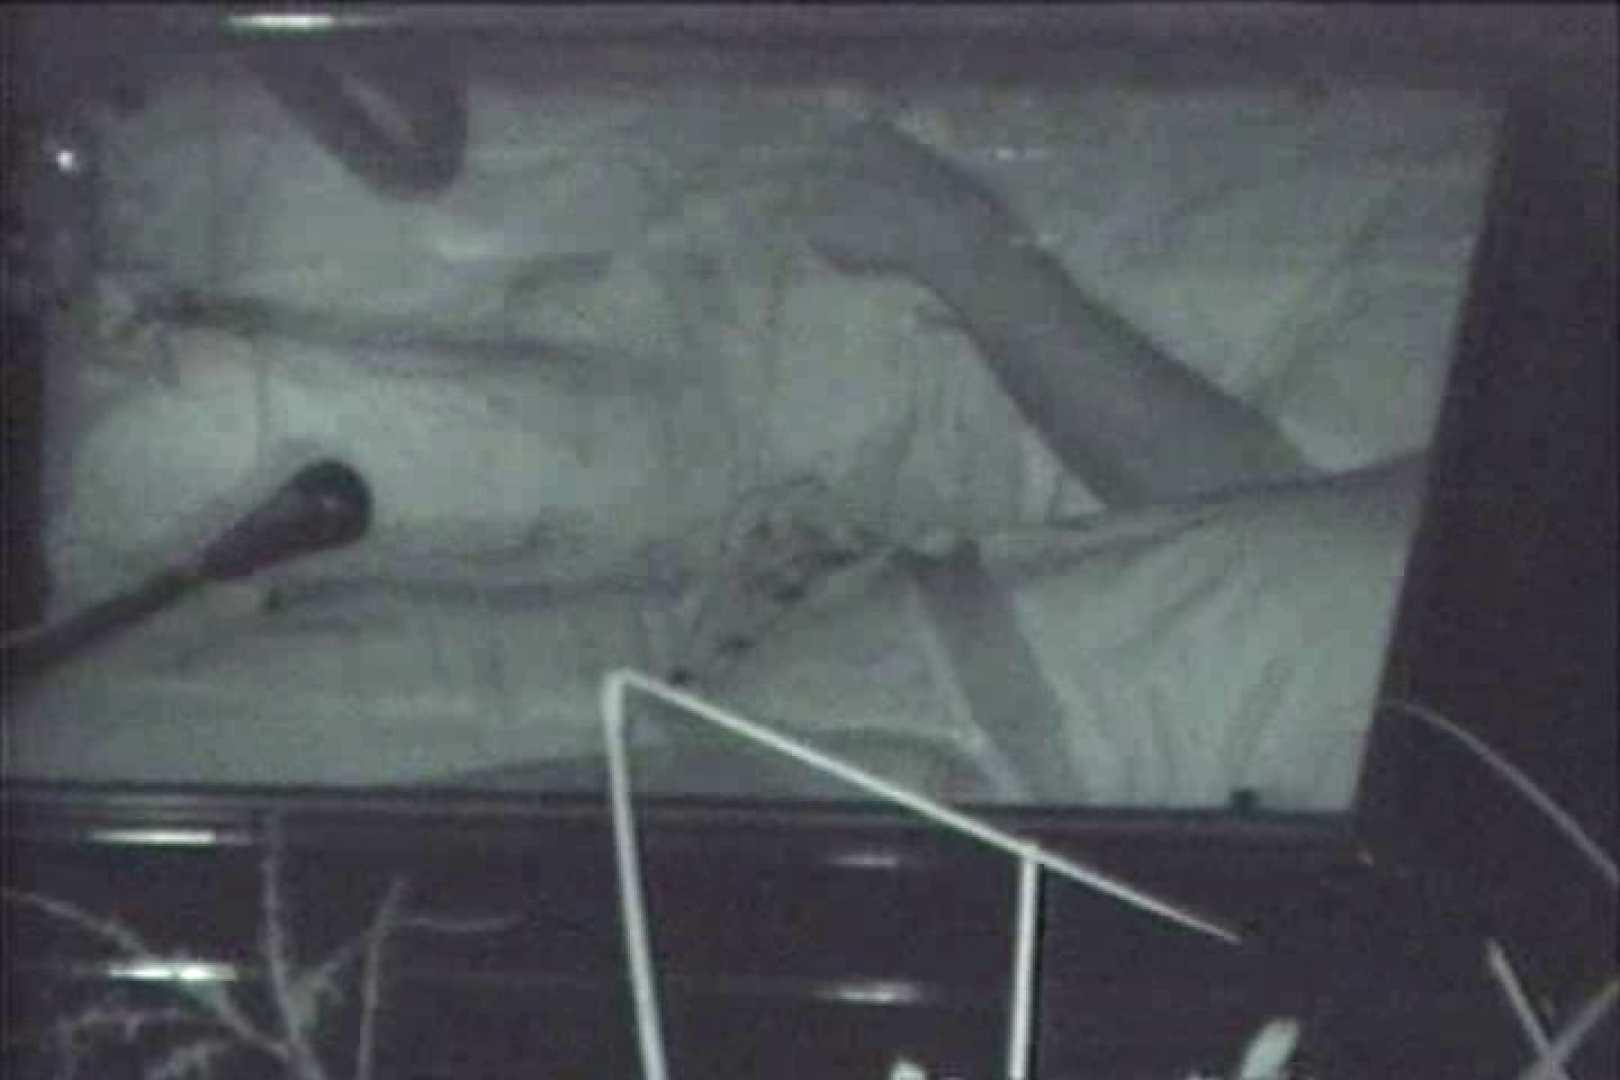 車の中はラブホテル 無修正版  Vol.16 覗き  86PIX 33